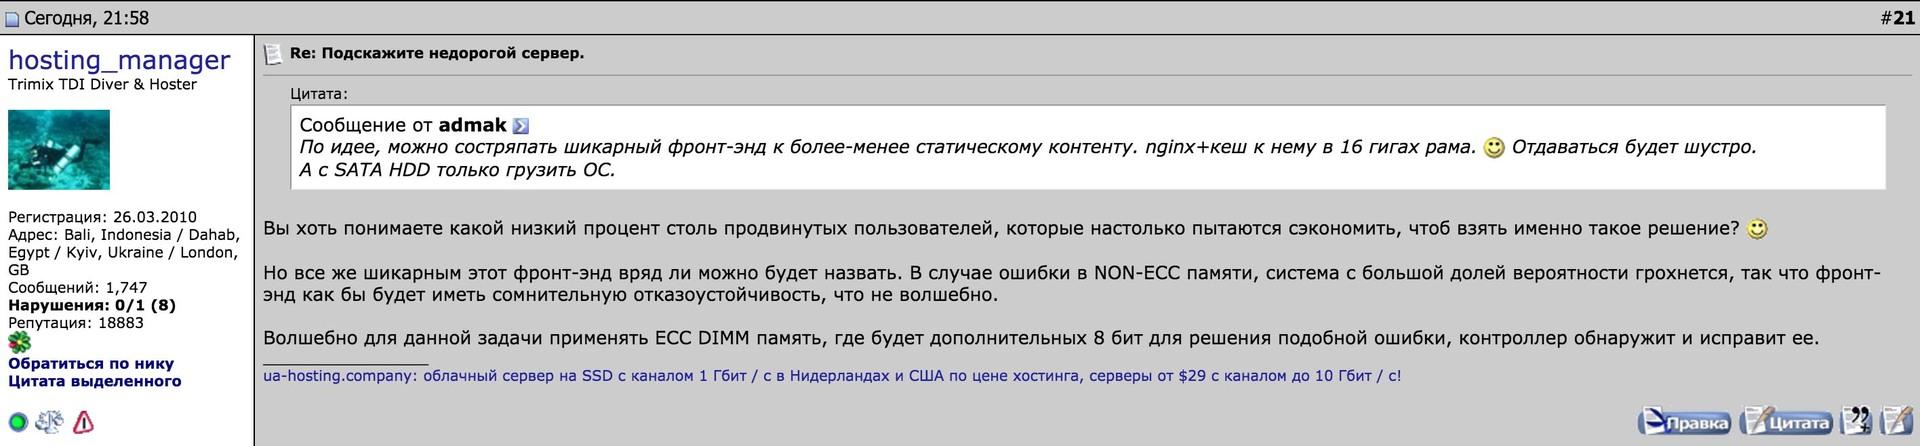 Ru бывают ситуации хозяин сайта покупает дешевый хостинг хостинг фирма создание сайта для сервера бесплатно